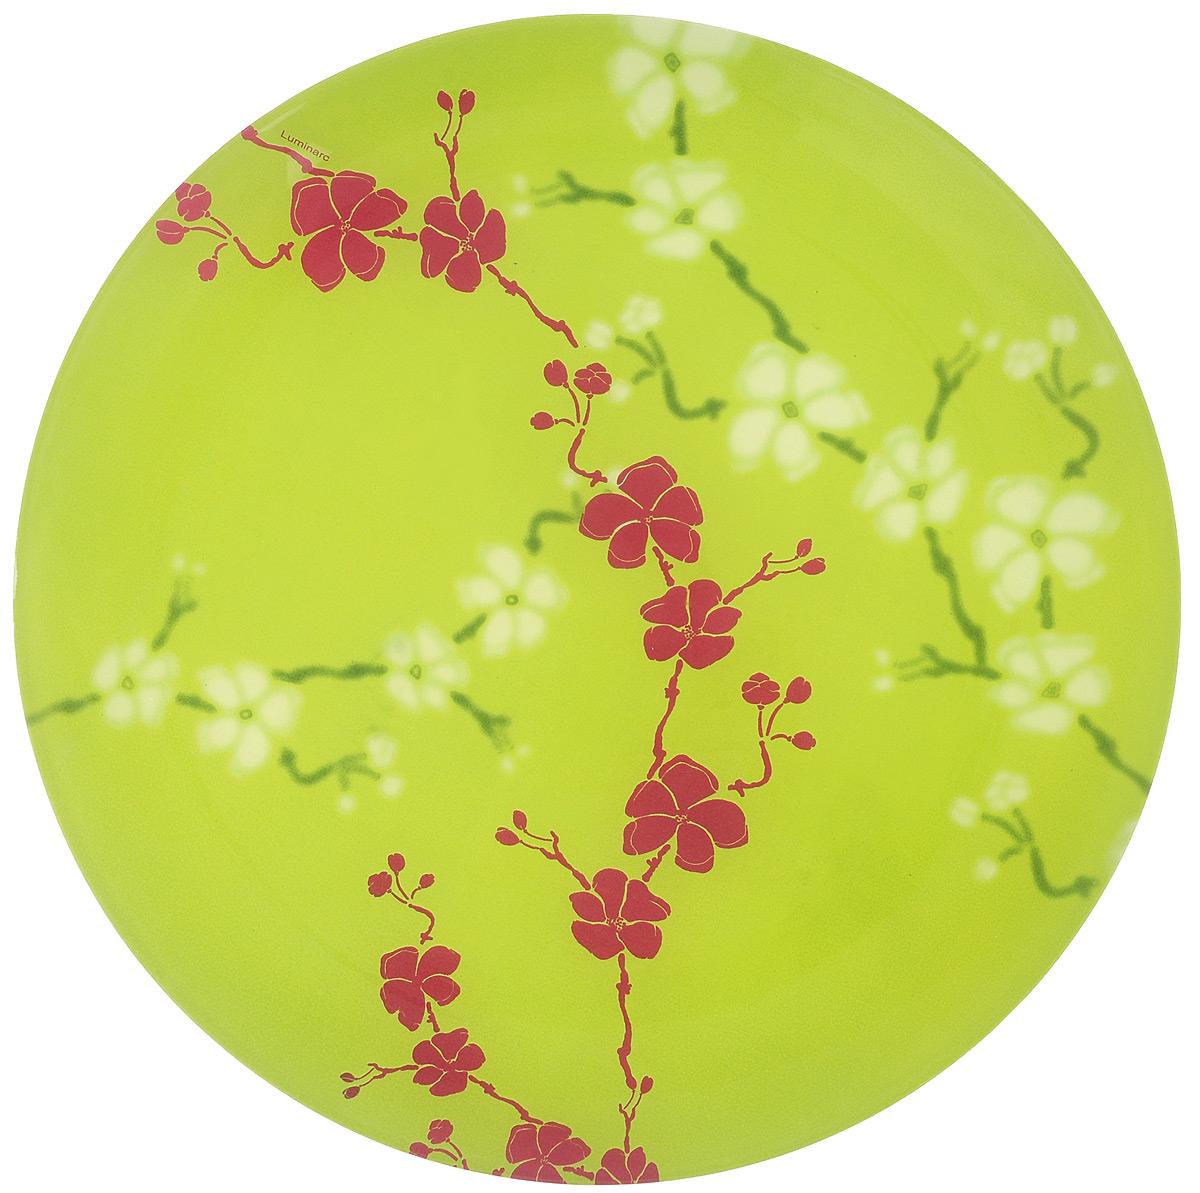 Тарелка обеденная Luminarc Kashima Green, диаметр 25 смG9326Обеденная тарелка Luminarc Kashima Green изготовлена из высококачественного ударопрочного стекла.Тарелка декорирована красочным контрастным цветочным рисунком. Яркий дизайн придется по вкусу иценителям классики, и тем, кто предпочитает утонченность.Такая тарелка прекрасно подходит как для торжественных случаев, так и для повседневного использования.Предназначена для подачи вторых блюд.Можно использовать в СВЧ и мыть в посудомоечной машине. Диаметр тарелки: 25 см. Высота тарелки: 2 см.